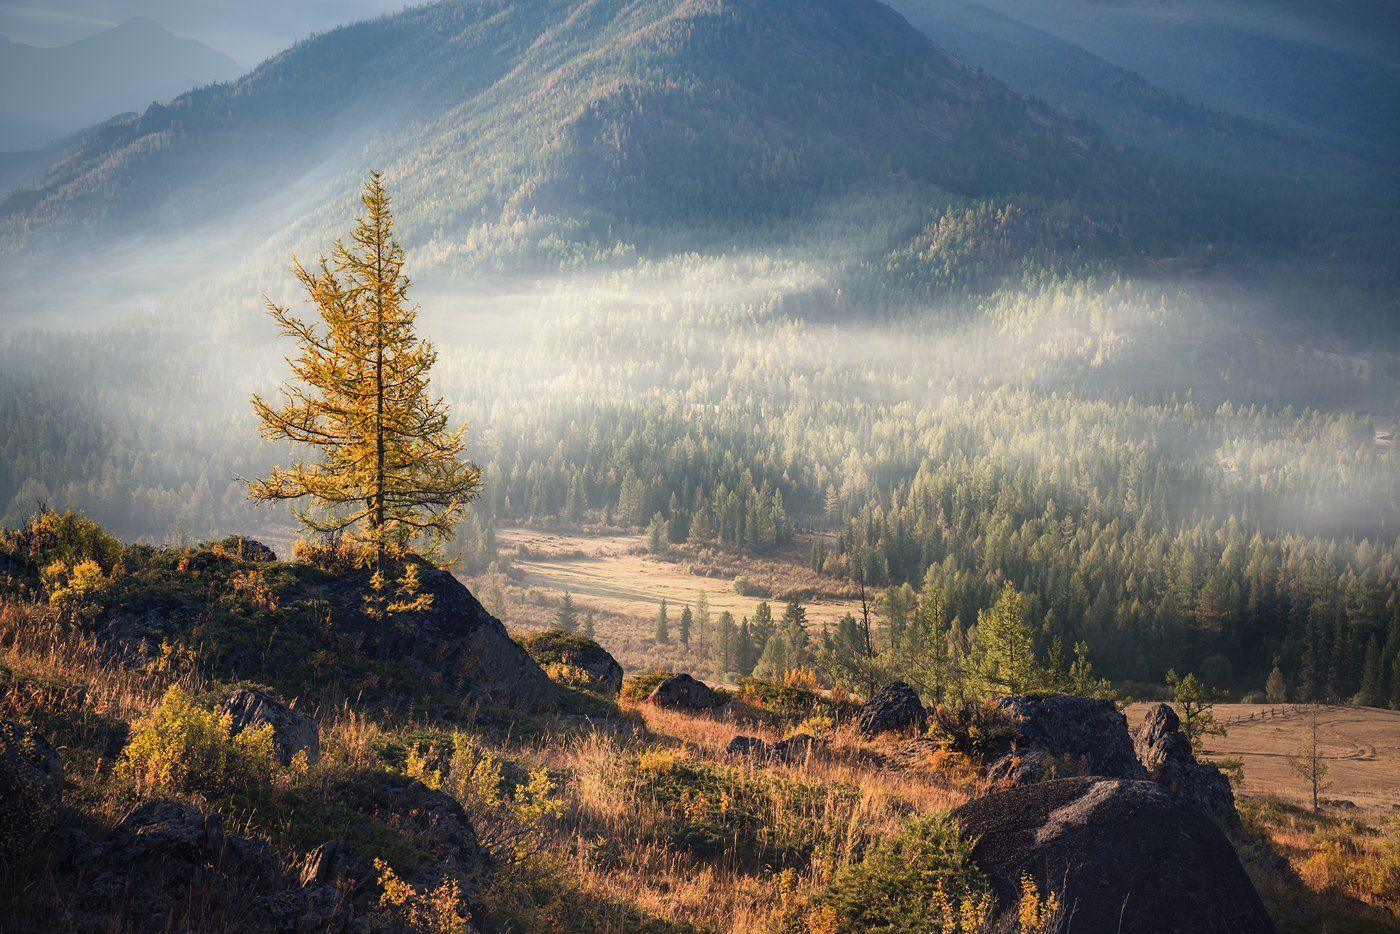 природа, пейзаж, горы, тайга, лес, дерево, камни, туман, дымка, утро, прохладное, раннее, большой, высокий, лиственница, высота, алтай, сибирь, Дмитрий Антипов